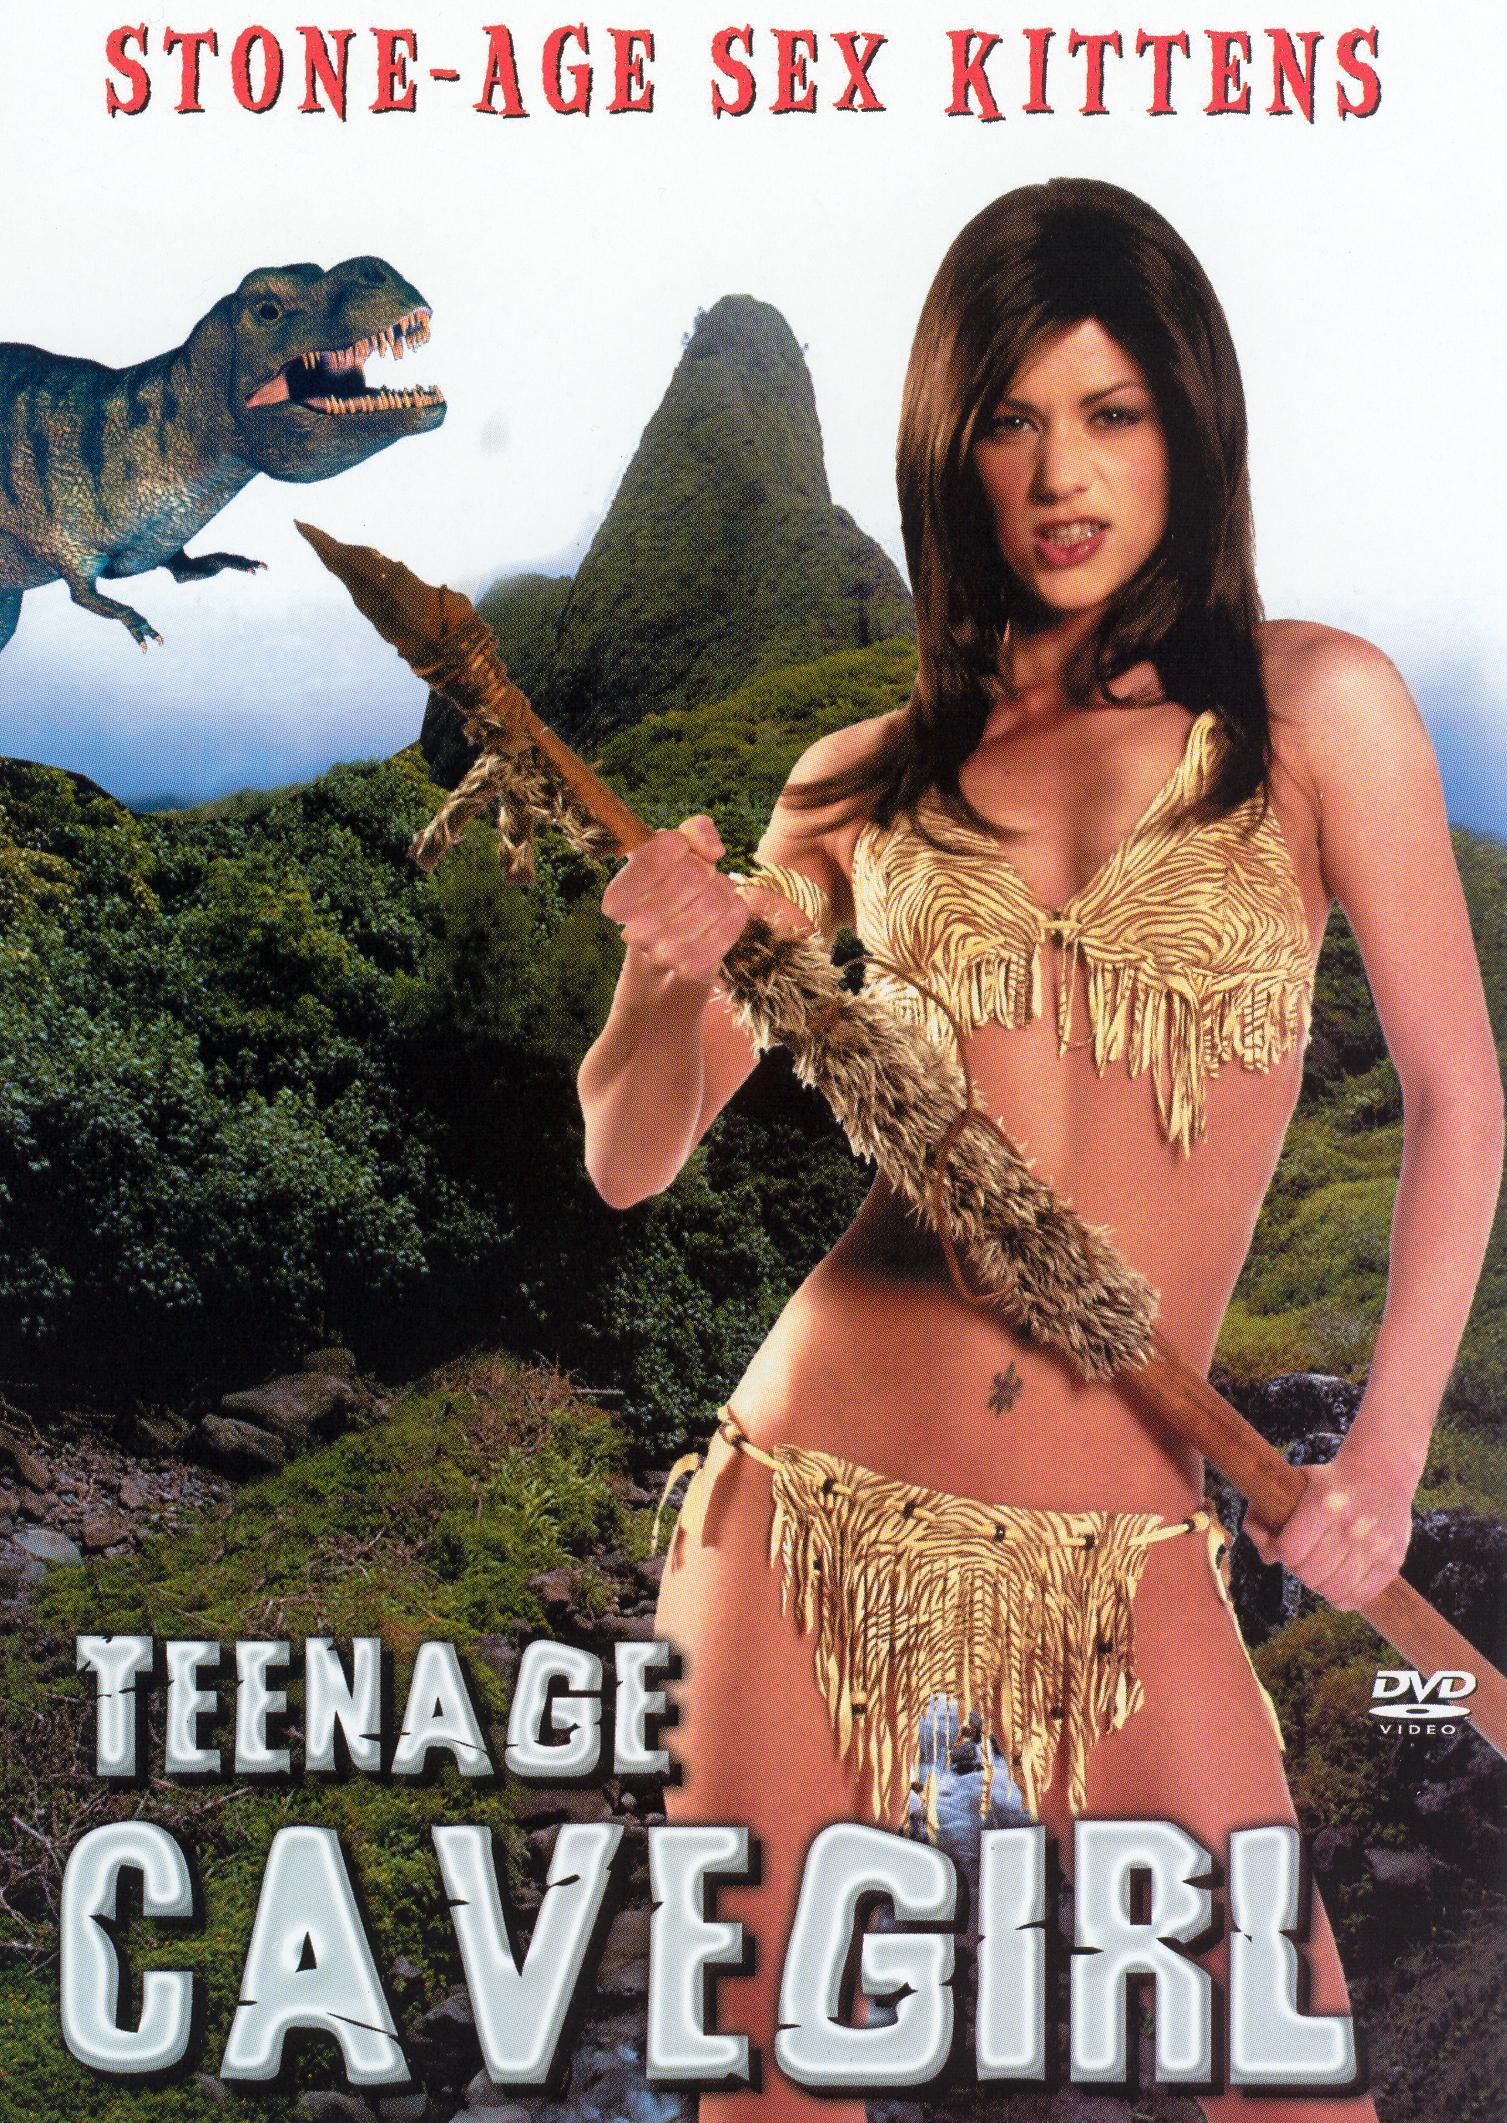 Teenage Cavegirl